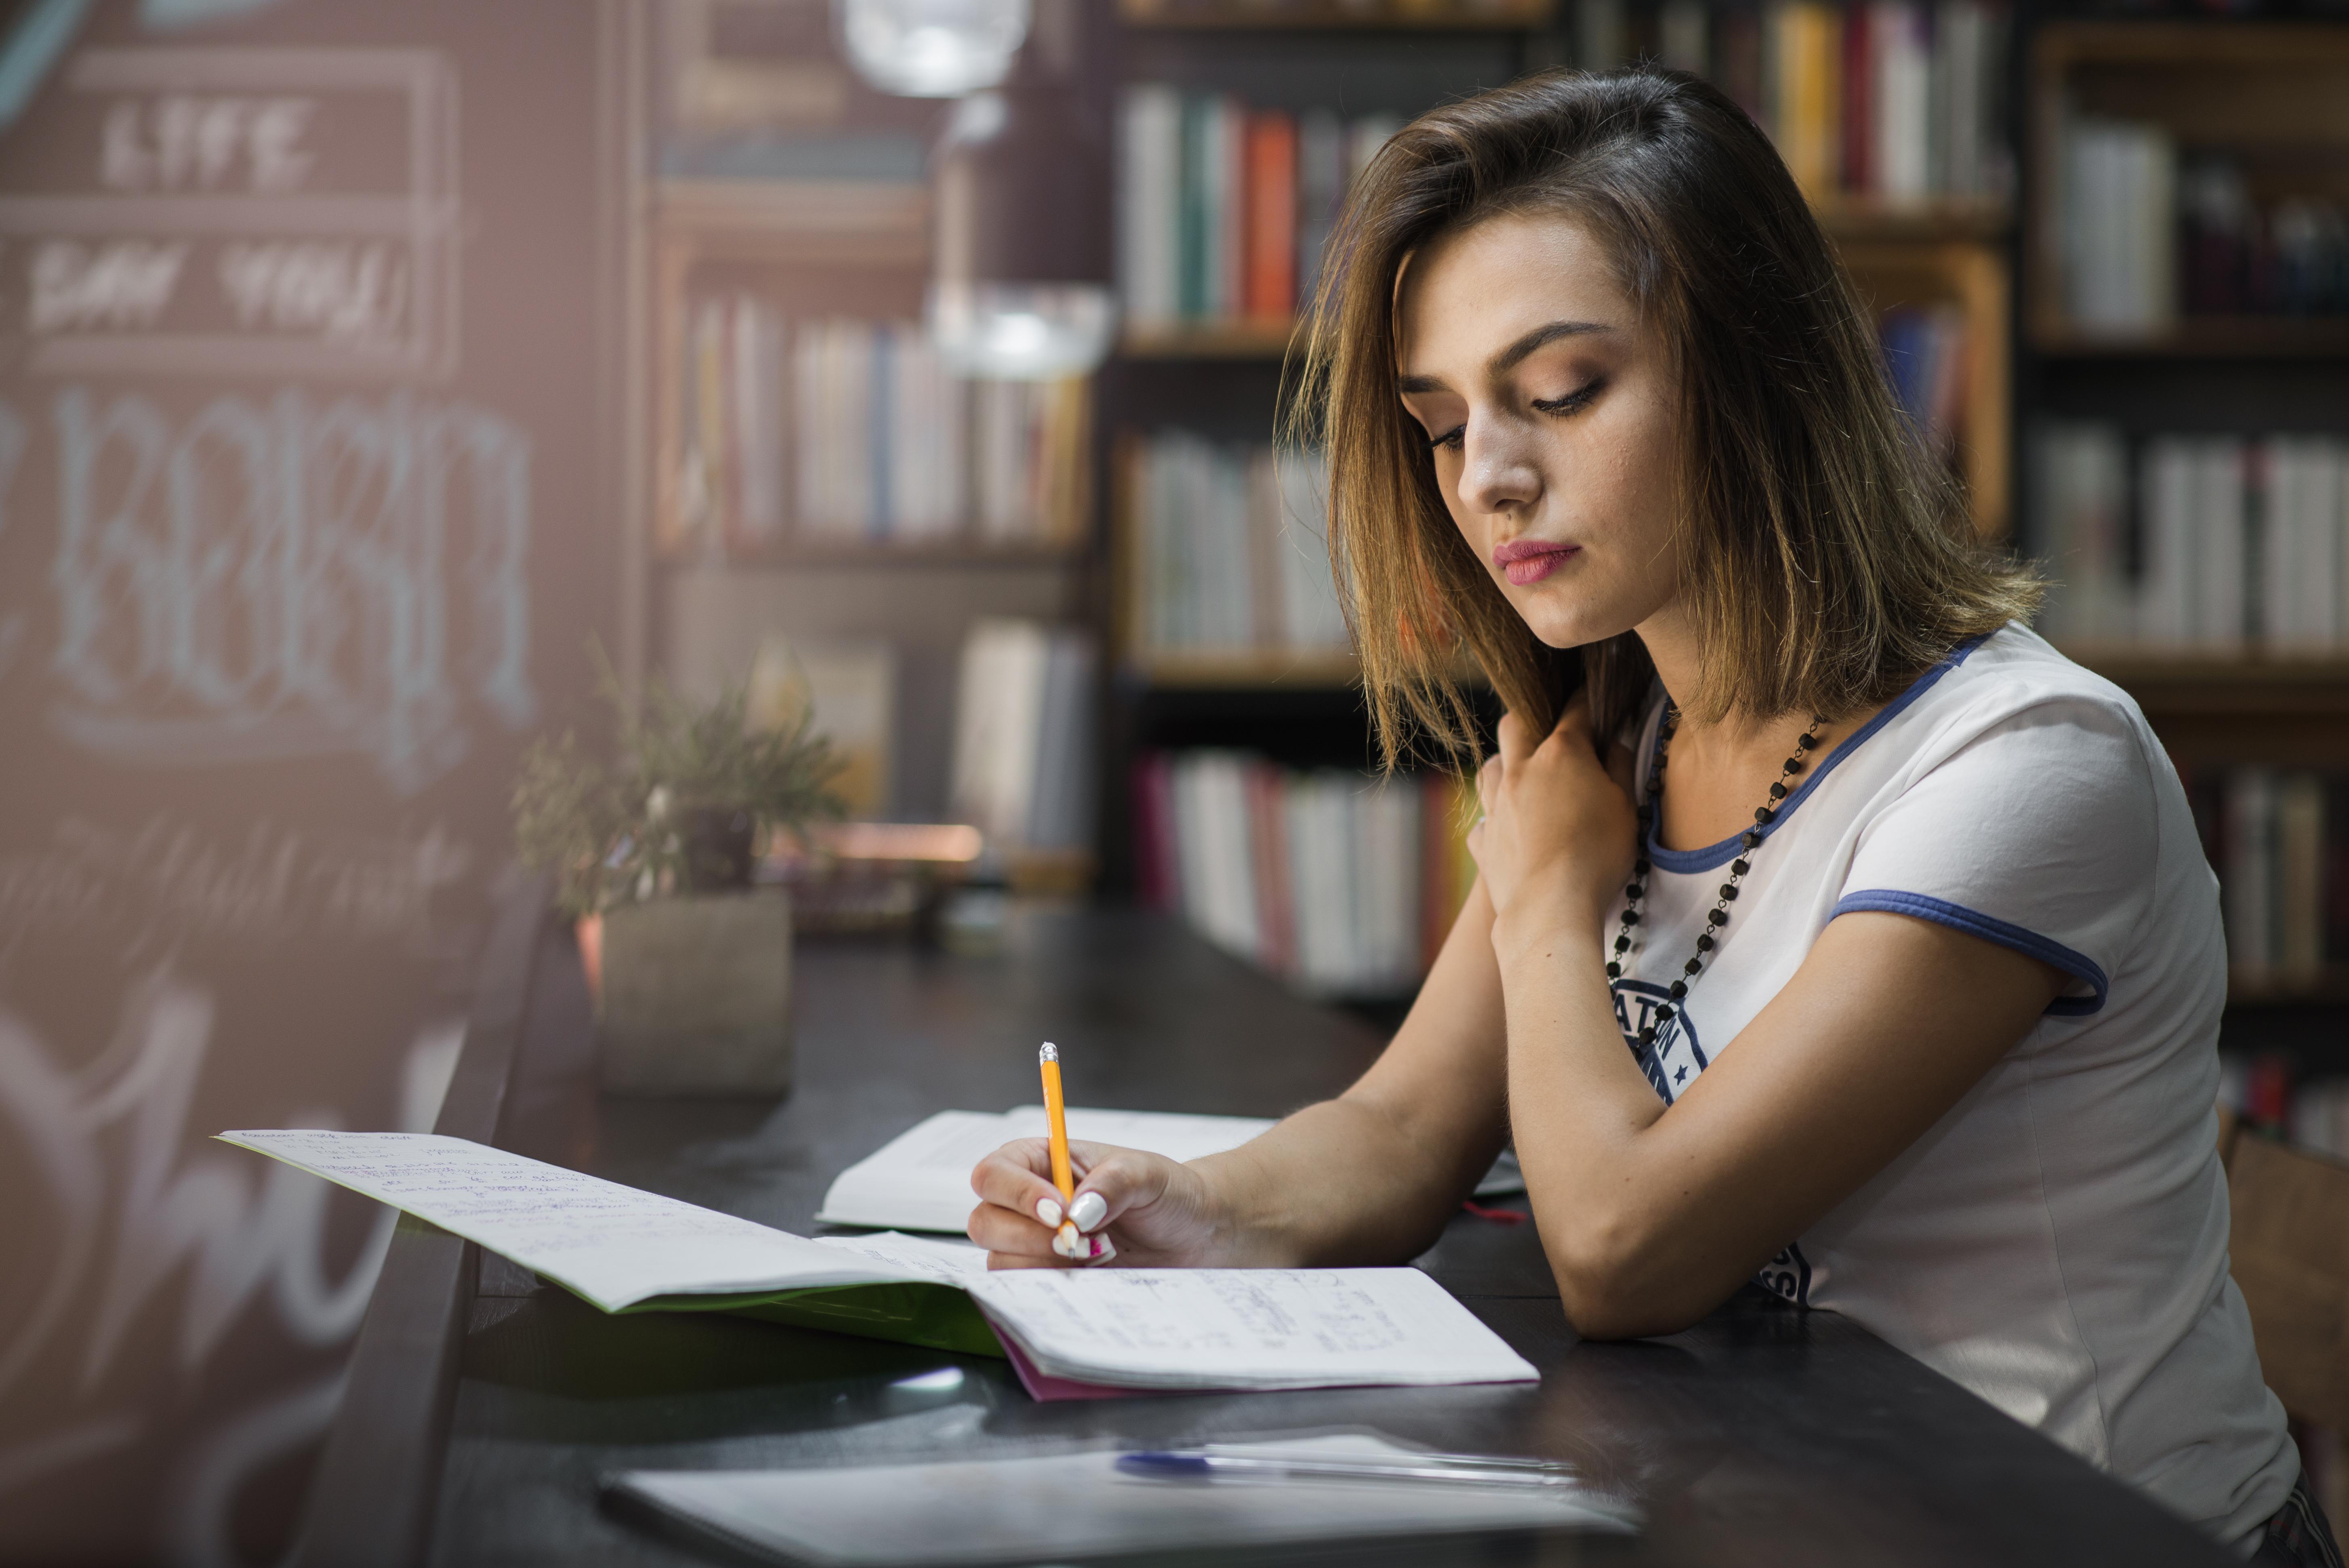 Spremanje ispita ne ide prema planu: Ovo su najčešći ometači koncentracije i savjeti kako ih pobijediti